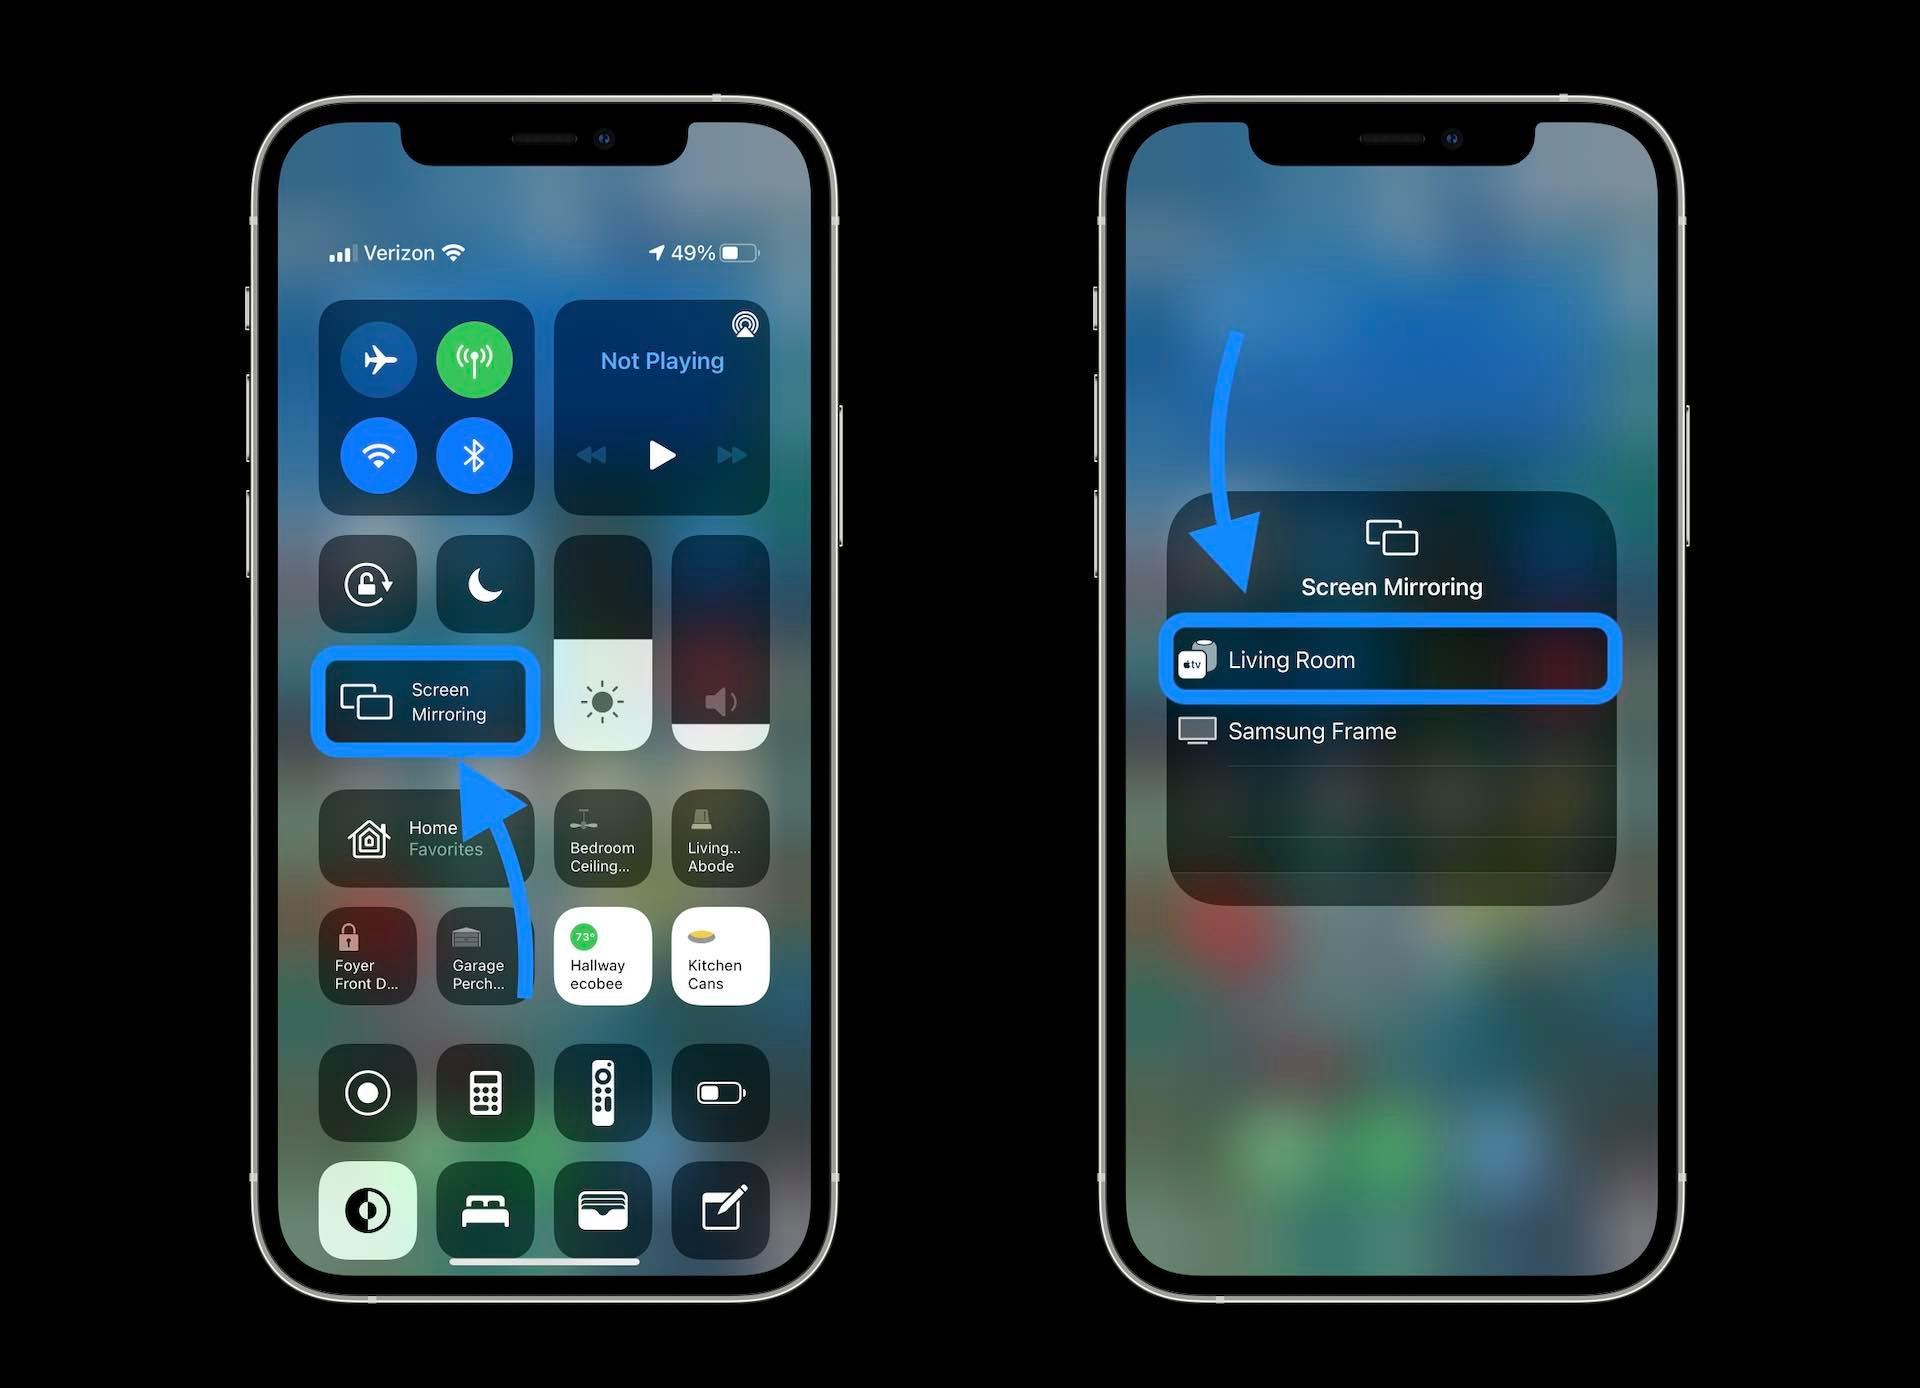 نحوه تماشای فیلم با Dolby Vision برای Apple TV در iPhone - مرکز کنترل را باز کرده و صفحه Mirror را انتخاب کنید